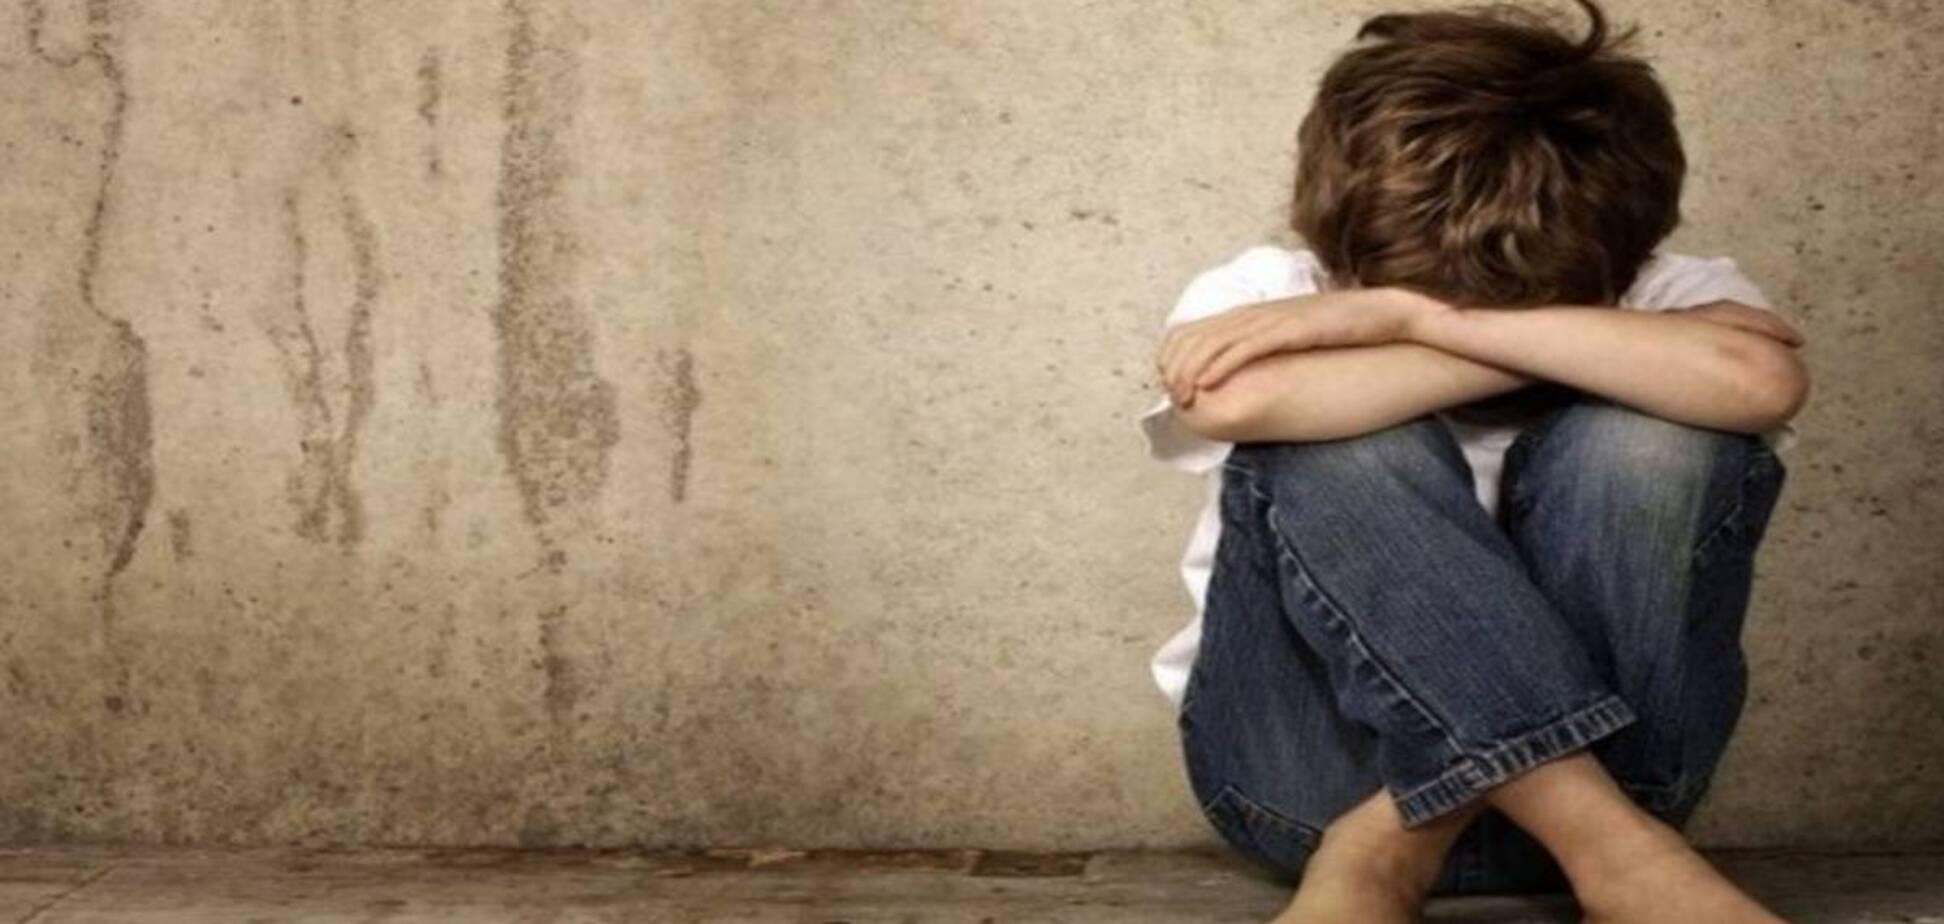 Правозащитница сообщила о развращении 3-летнего ребенка на Волыни